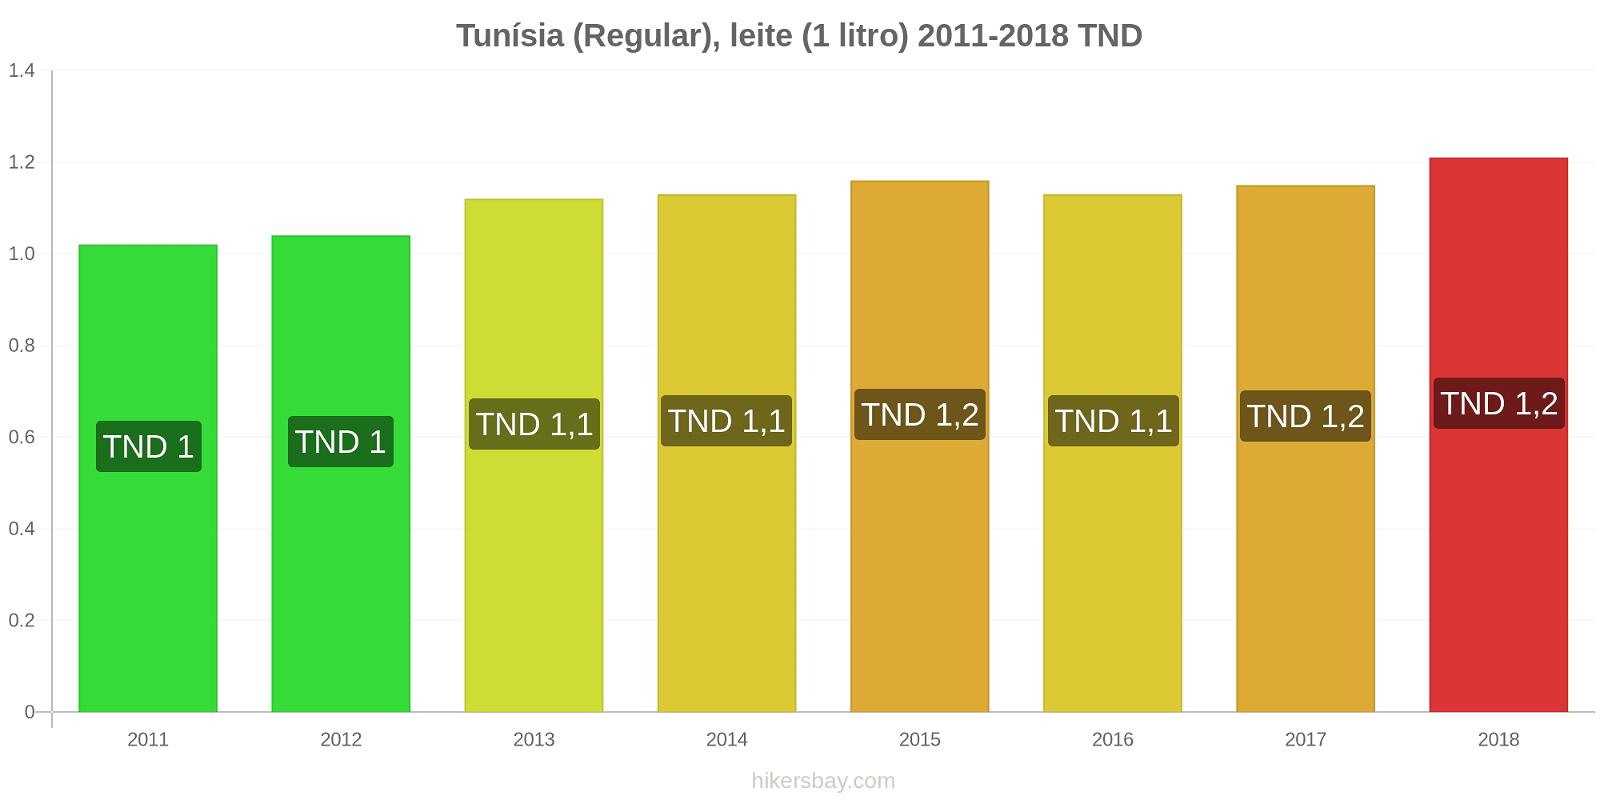 Tunísia variação de preço (Regular), leite (1 litro) hikersbay.com